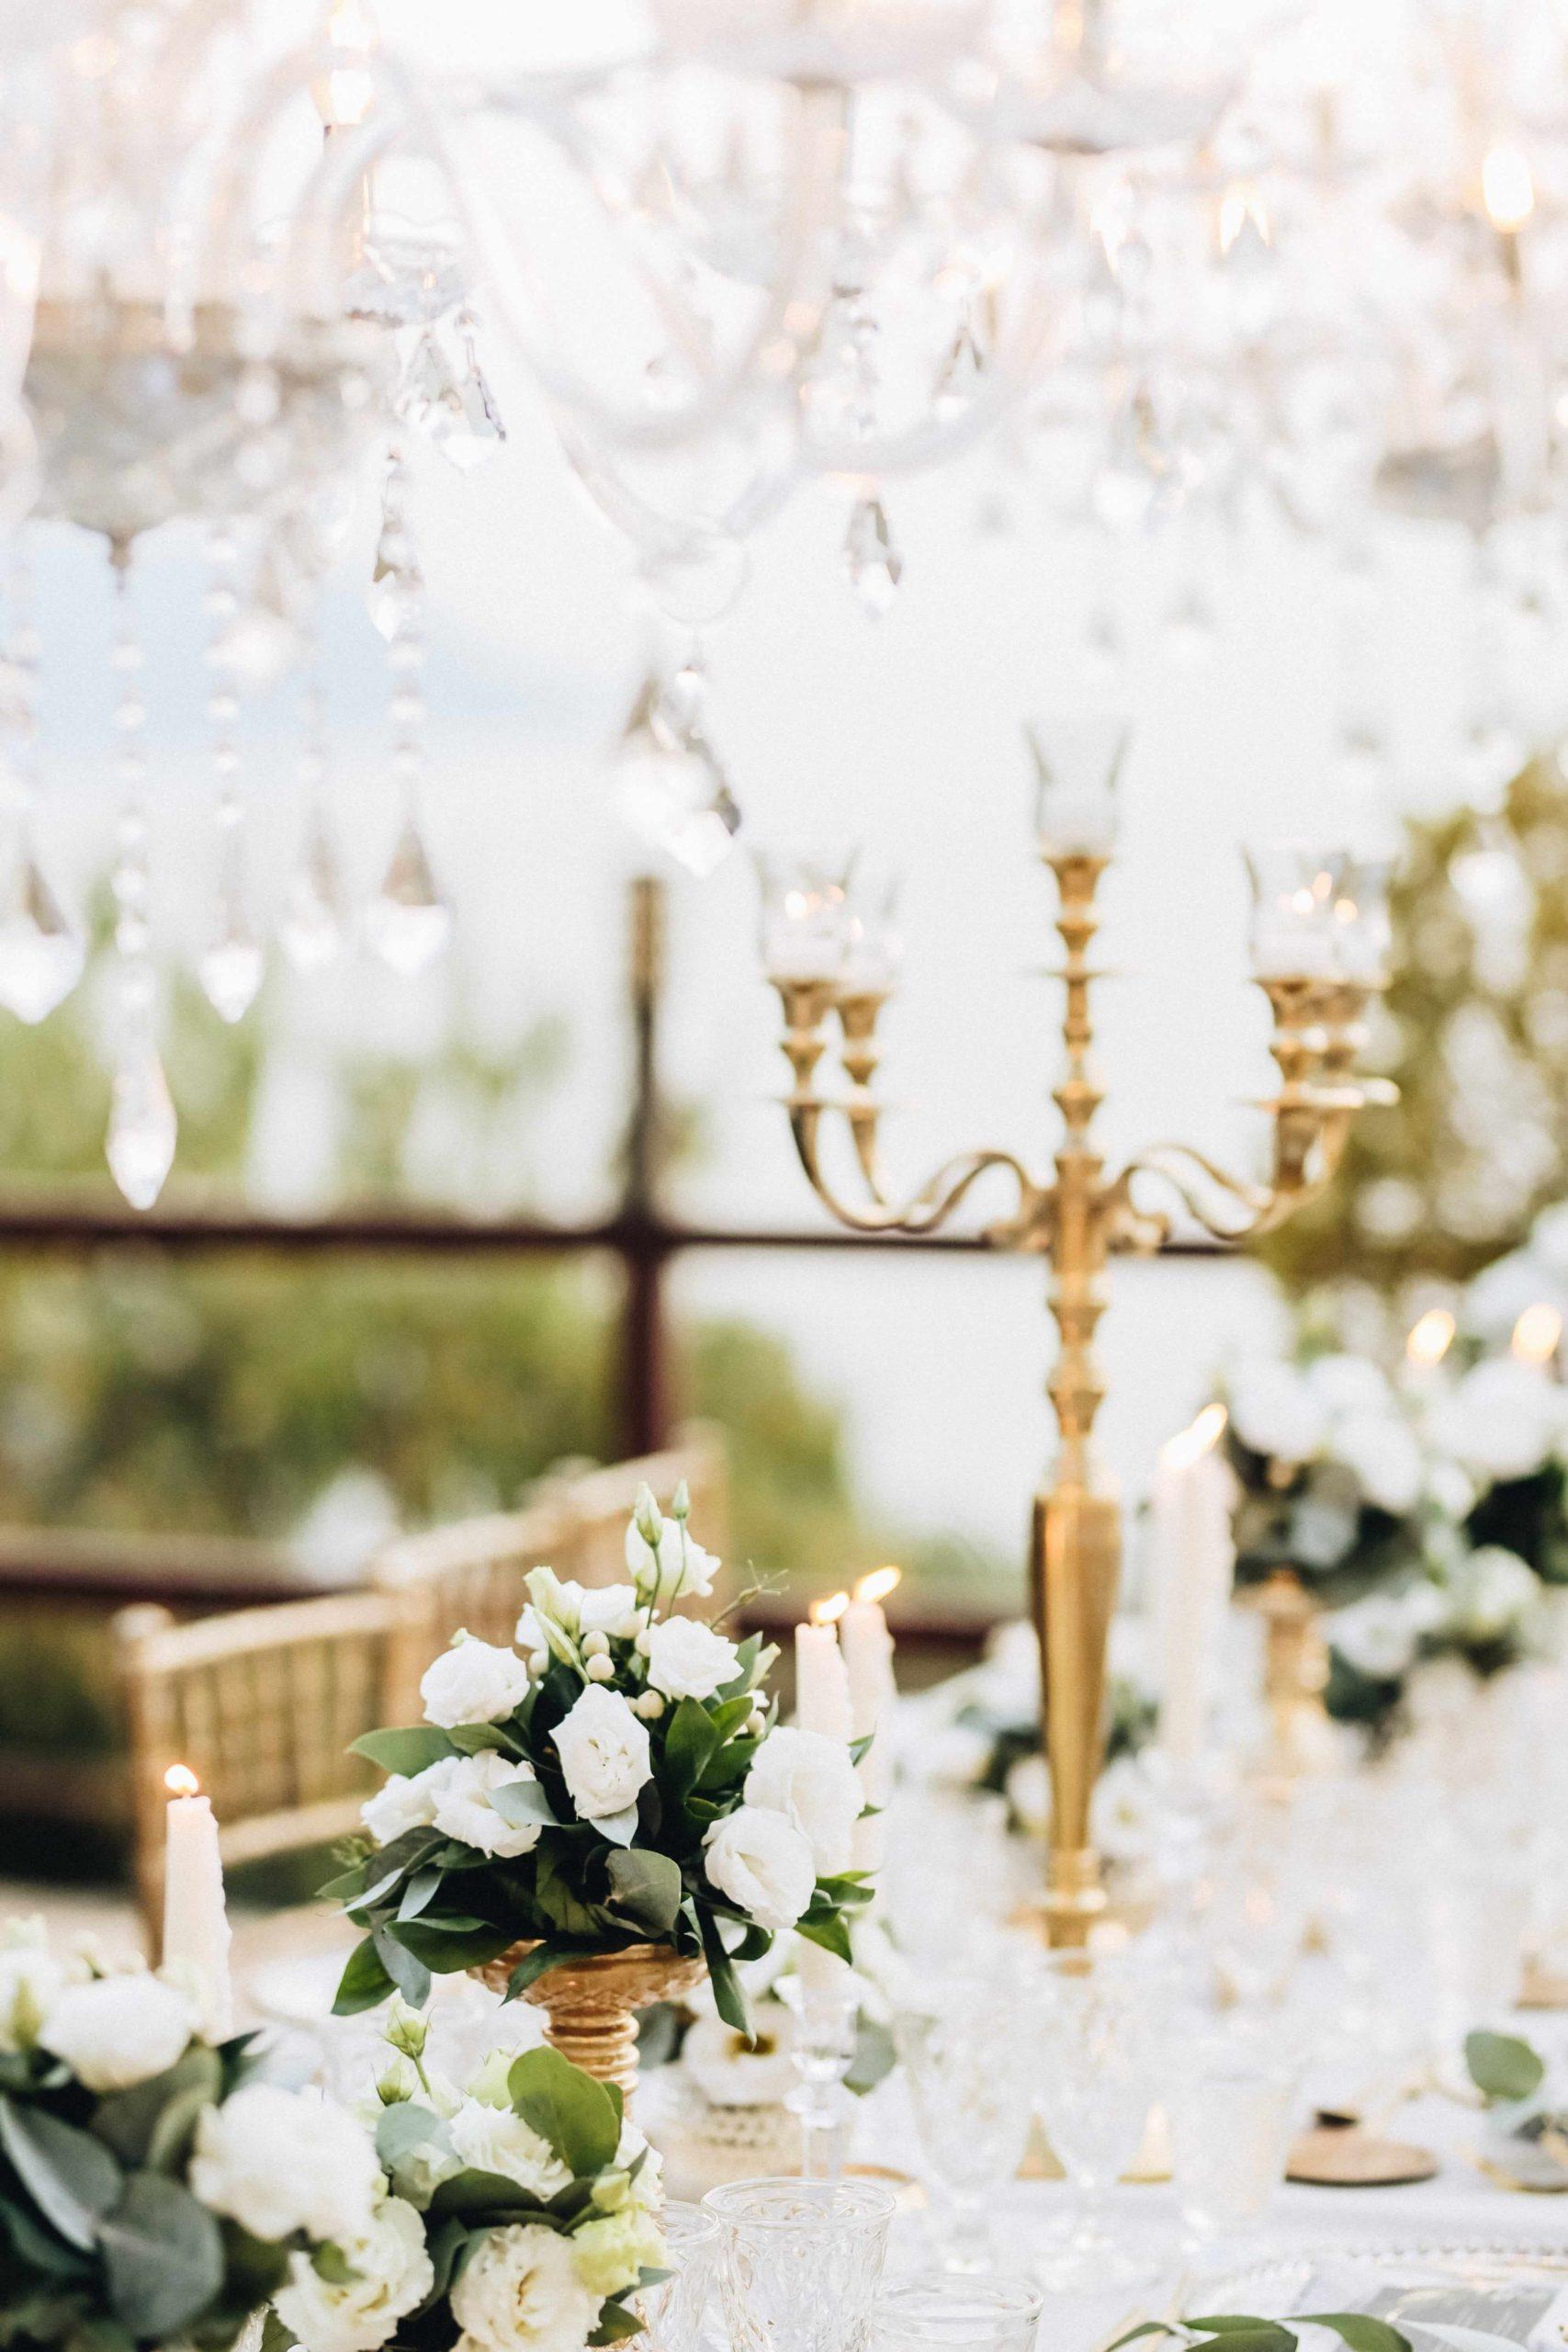 gold candelabra candelabro dorado, chandelier y flores blancas